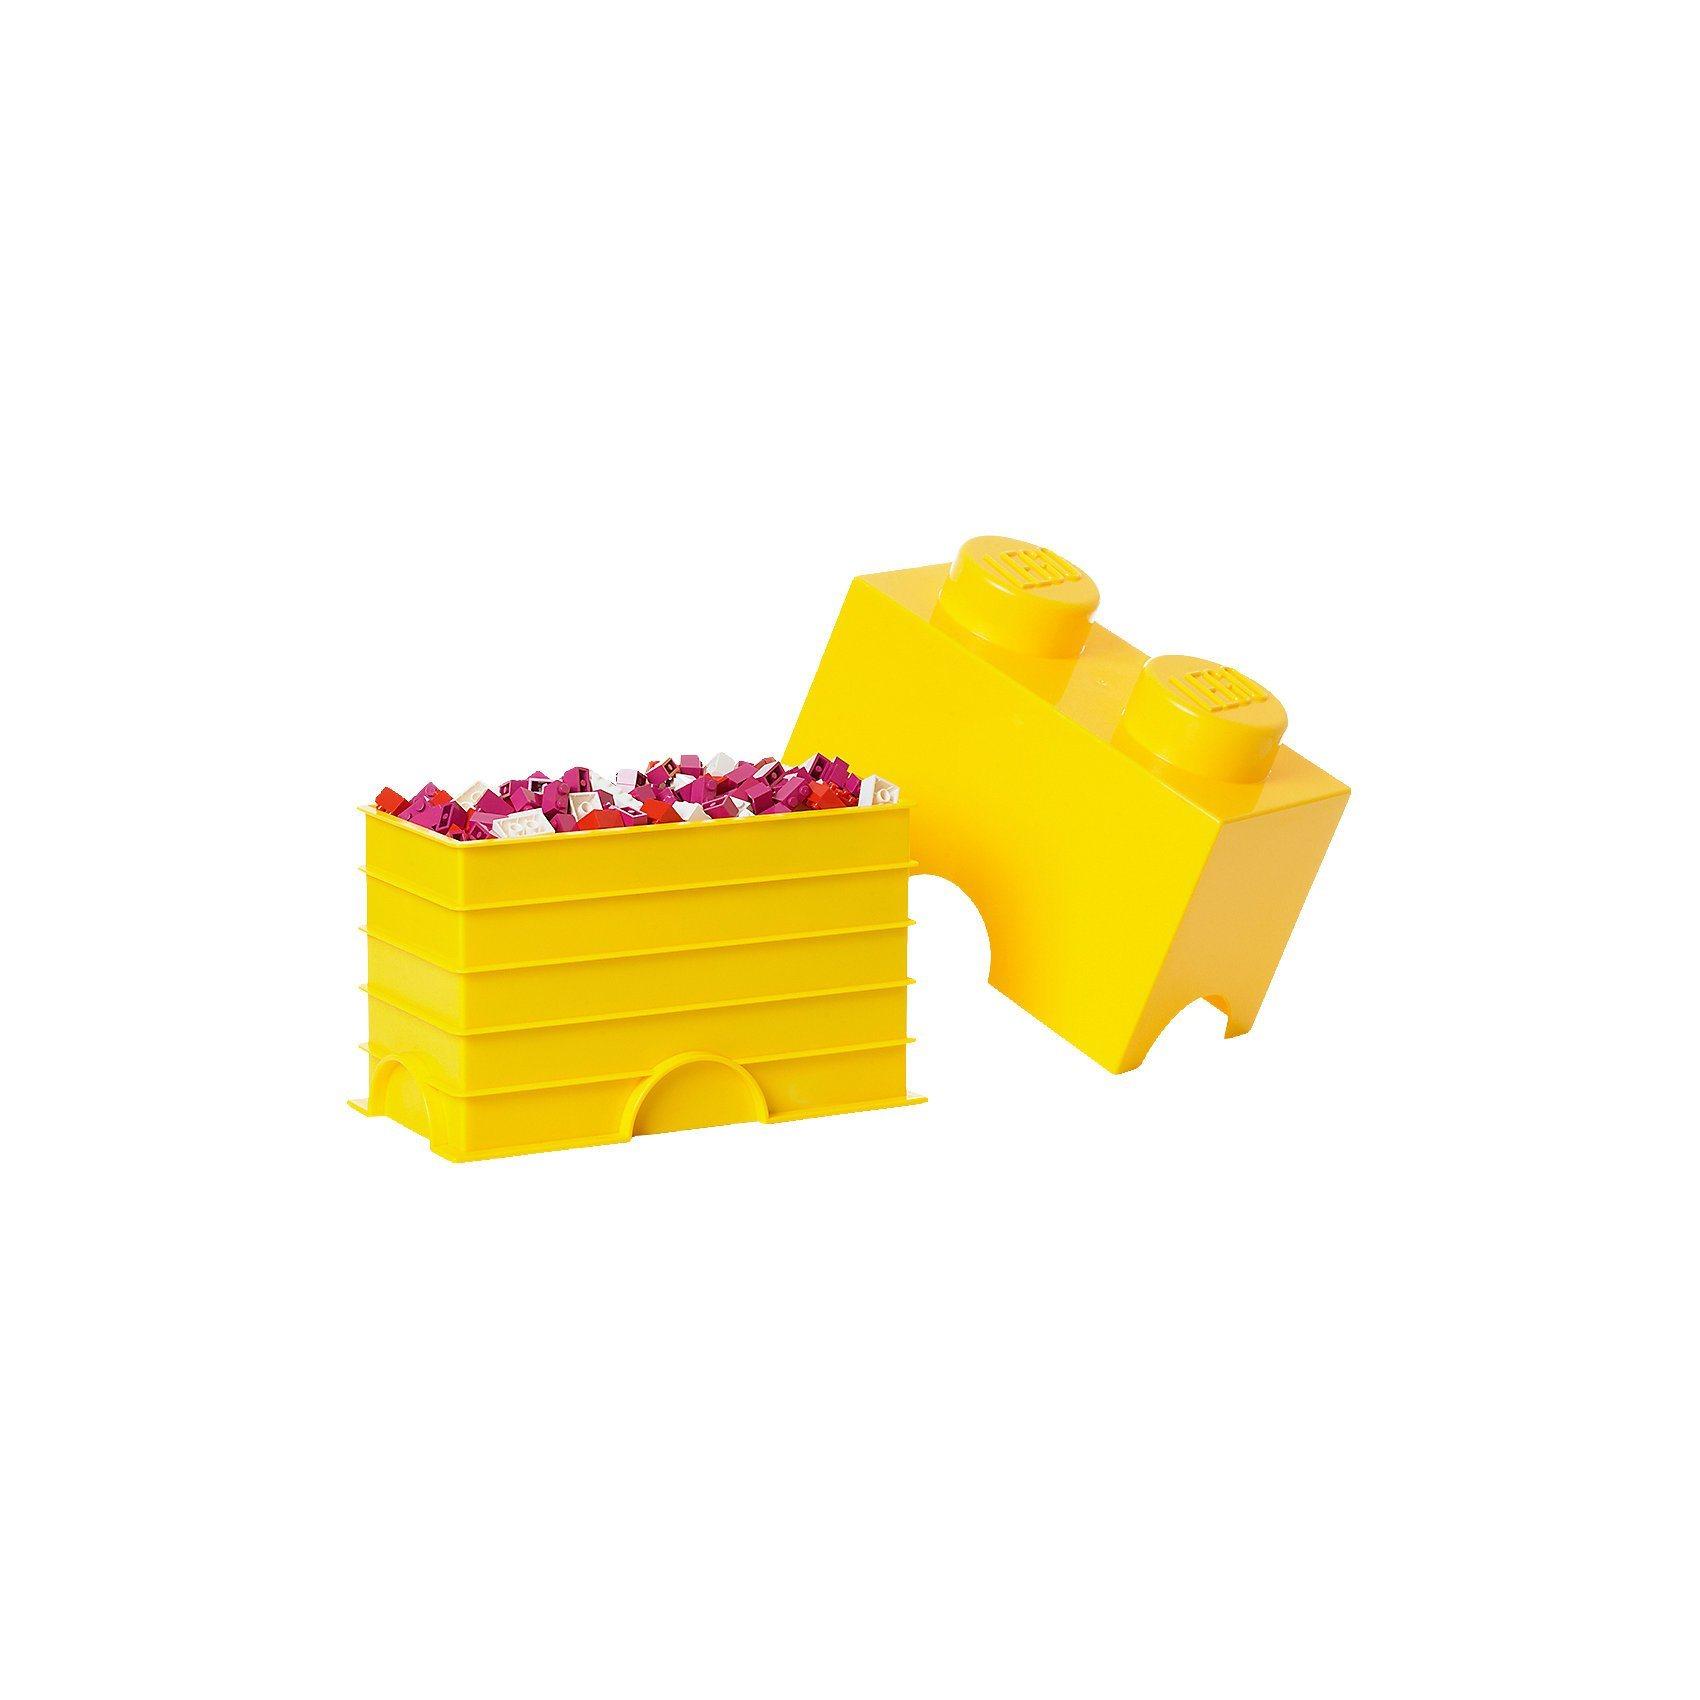 LEGO Aufbewahrungsdose Storage Brick 2er gelb